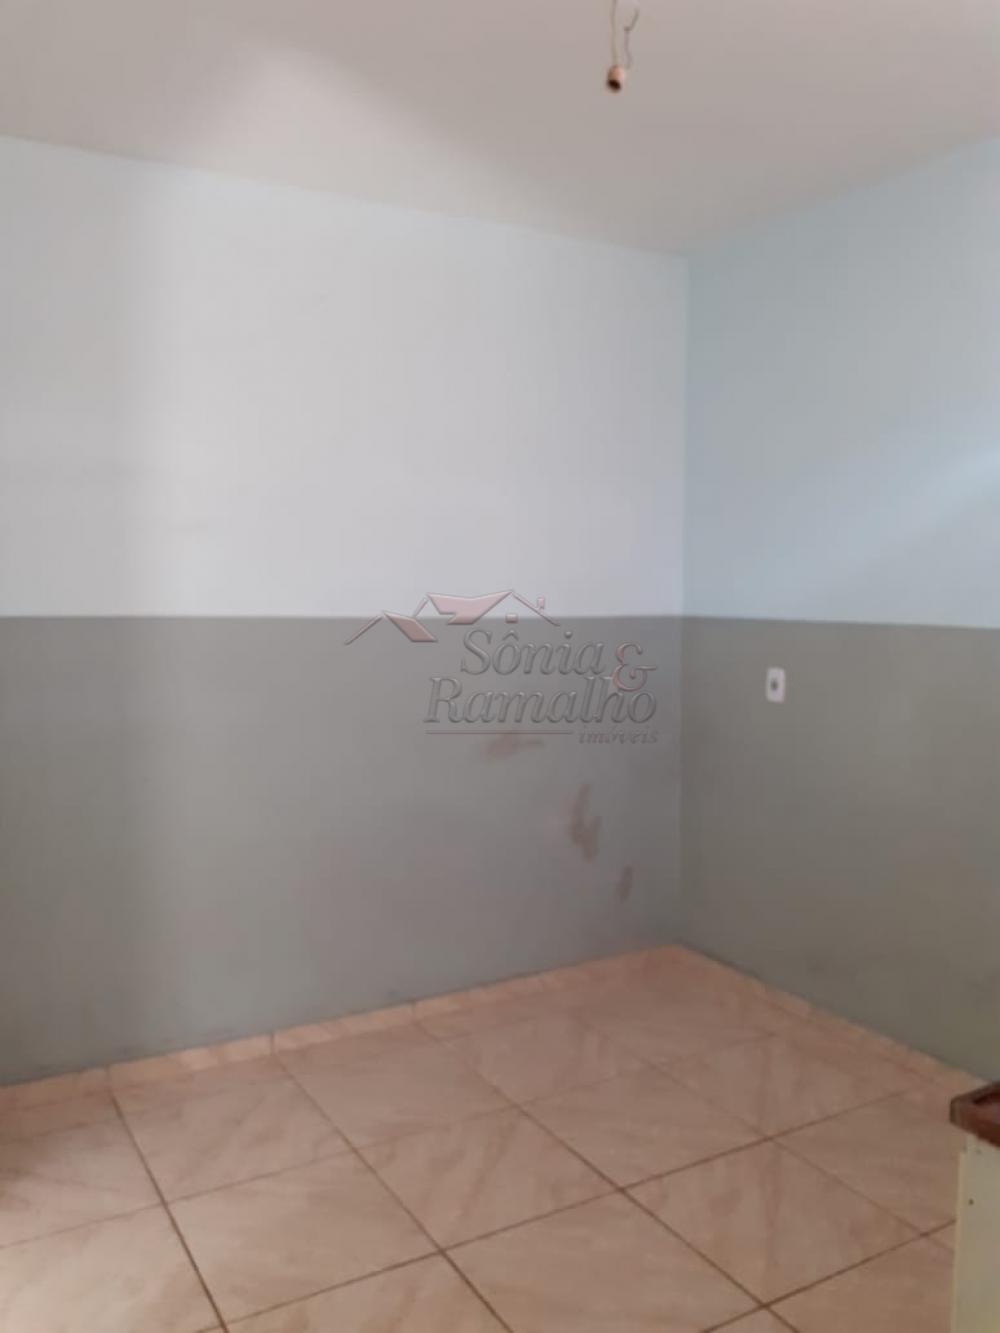 Alugar Casas / Padrão em Ribeirão Preto apenas R$ 480,00 - Foto 7